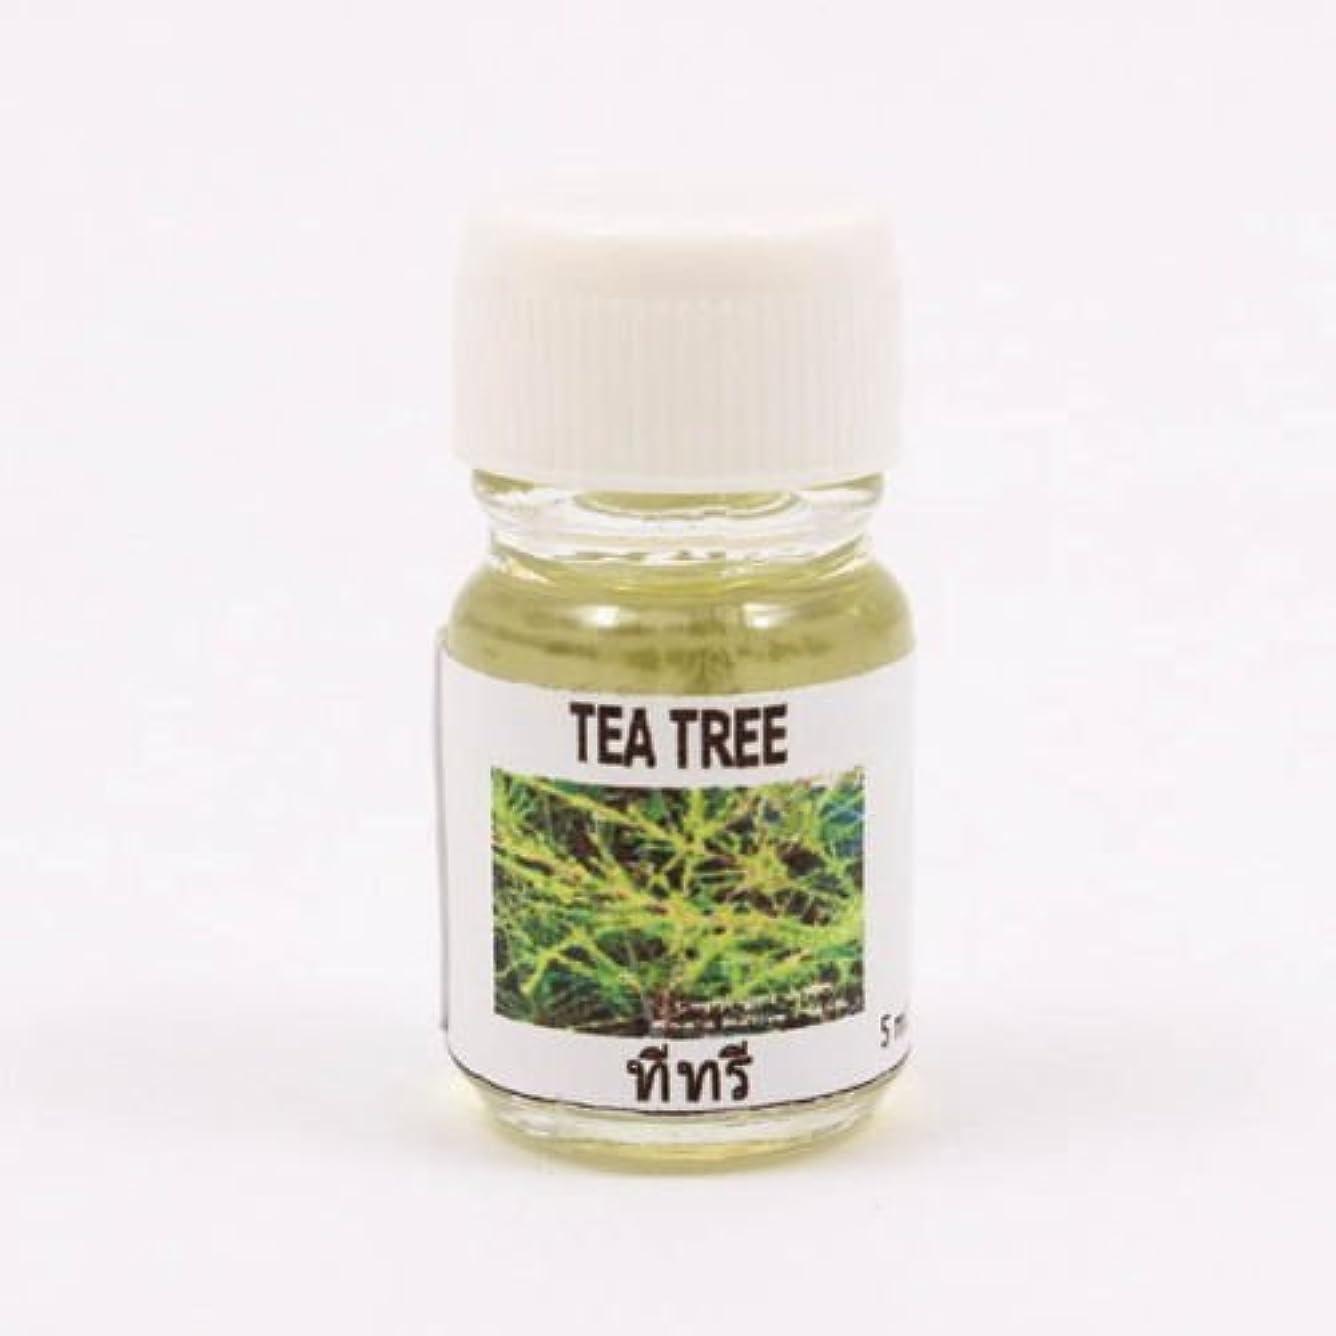 悔い改めストロー社会主義者6X Tea Tree Aroma Fragrance Essential Oil 5ML (cc) Diffuser Burner Therapy